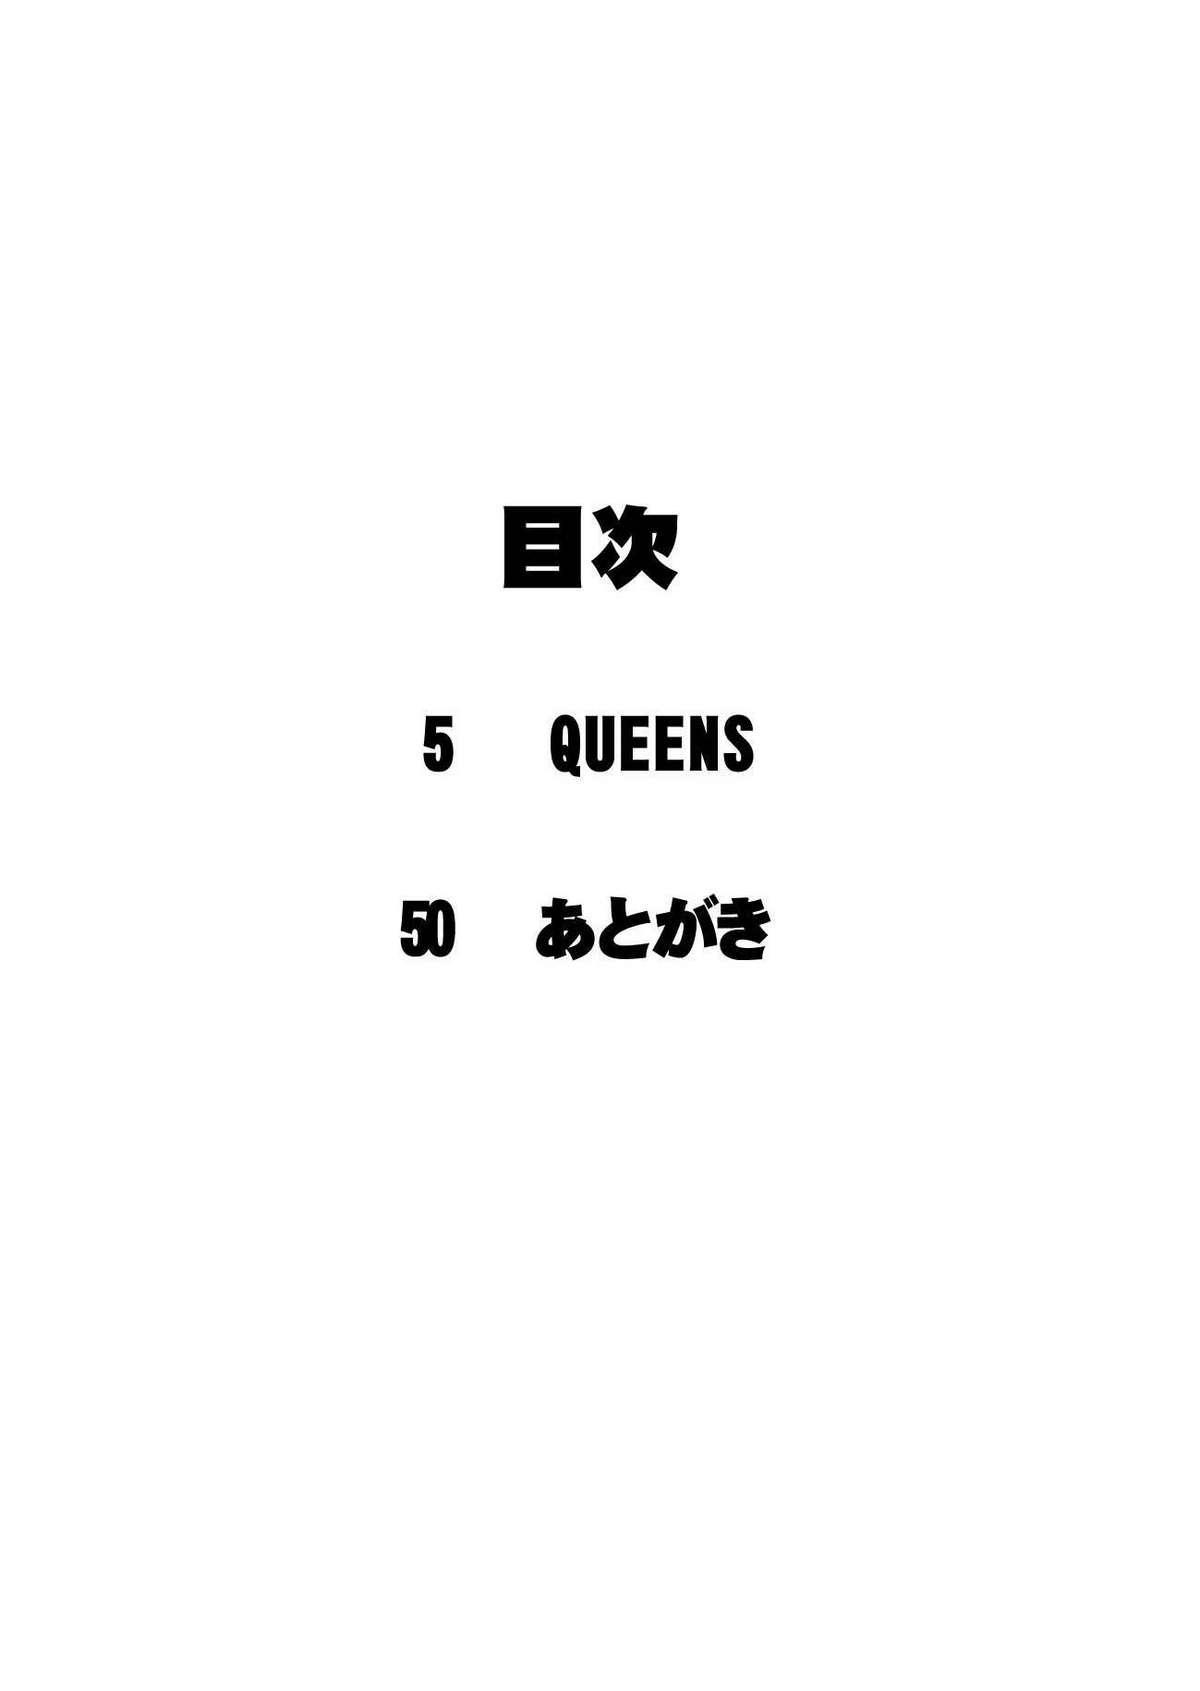 QUEENS 3